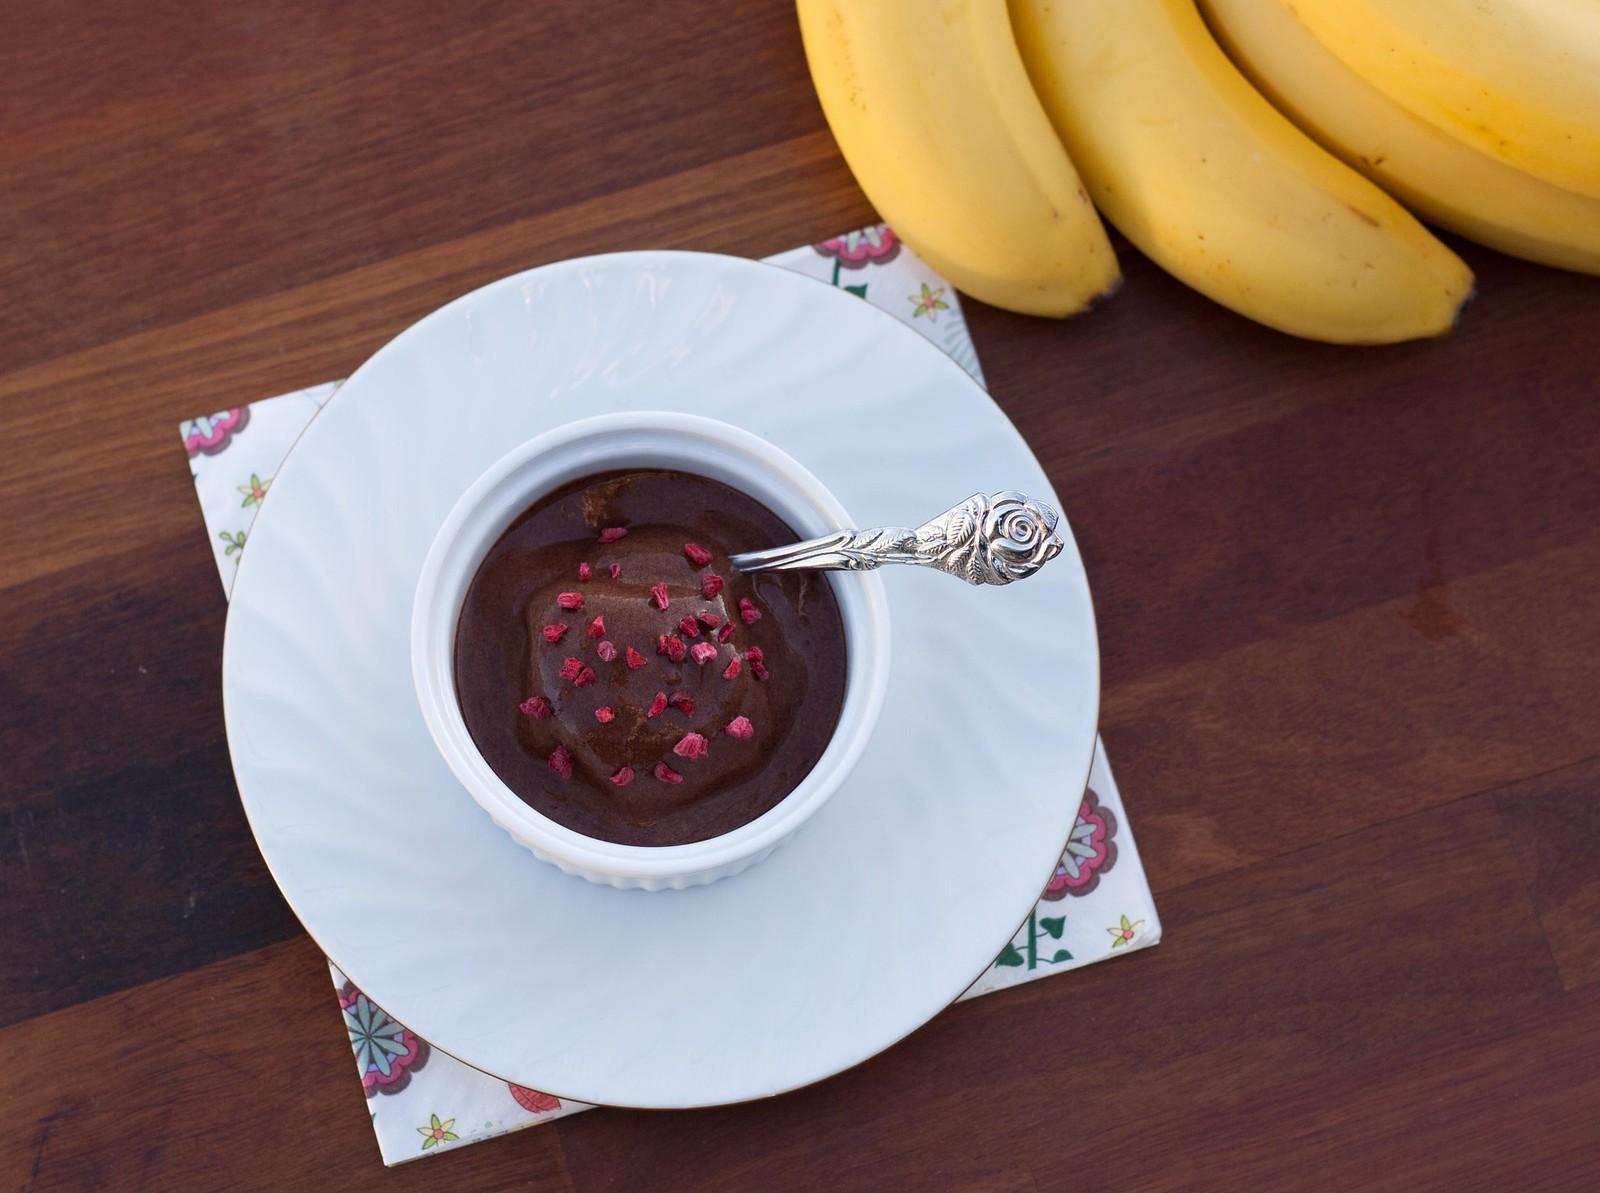 Opskrift på super lækker og sund chokolade/bananis, hjemmelavet